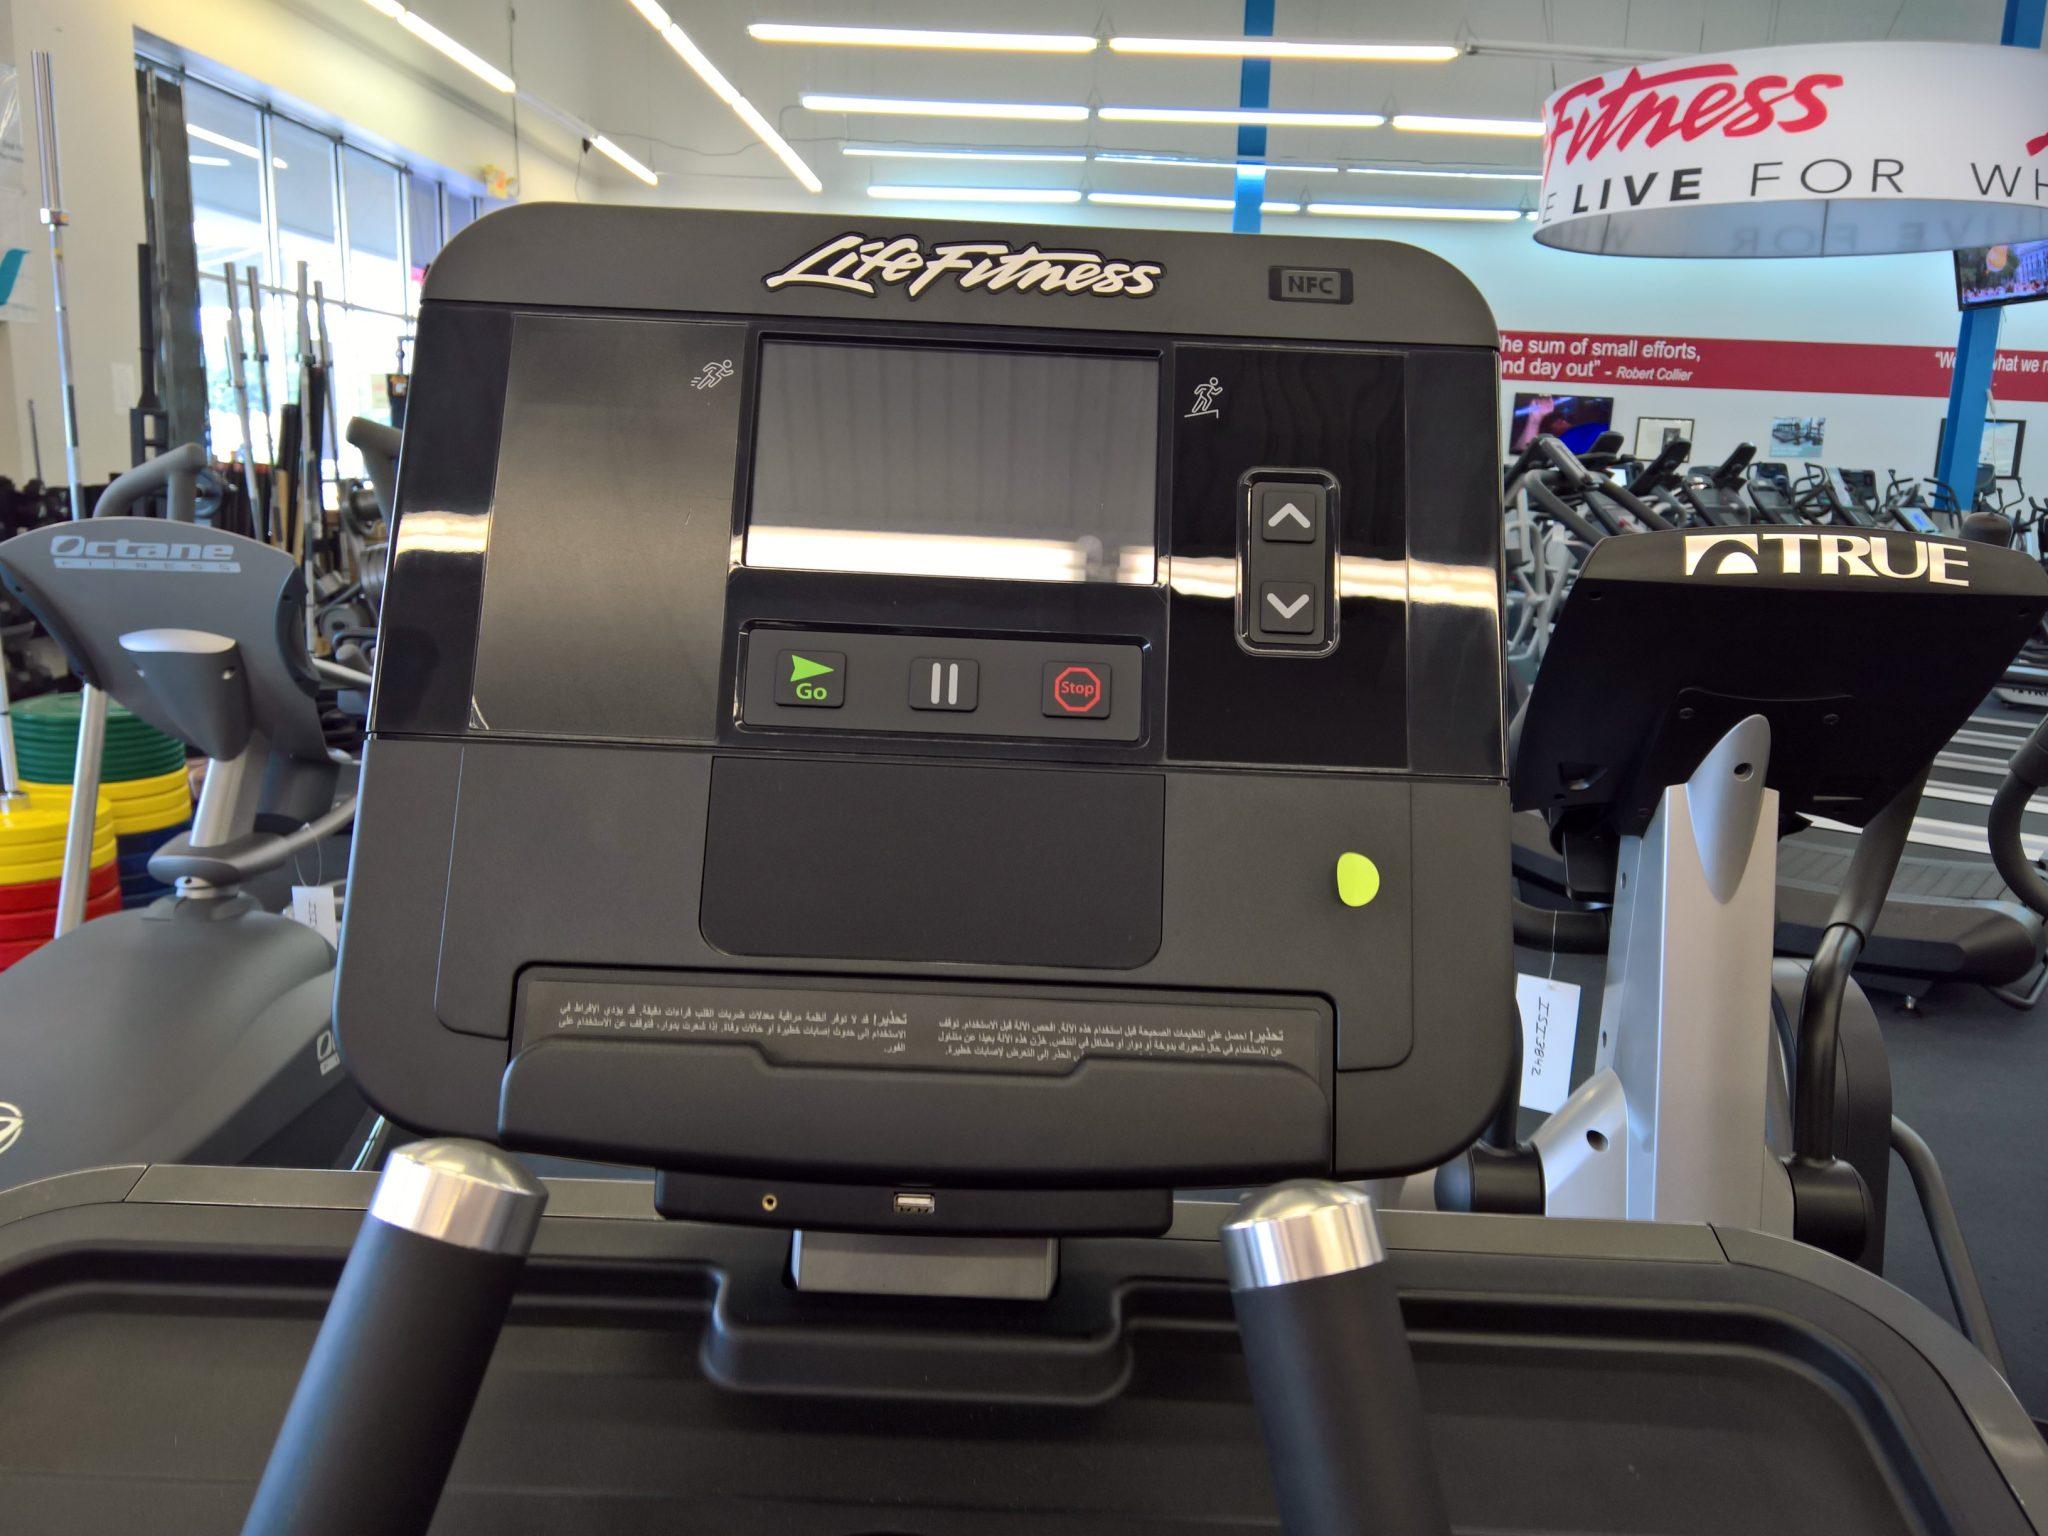 Floor Model (means new) Life Fitness FS4 Elliptical